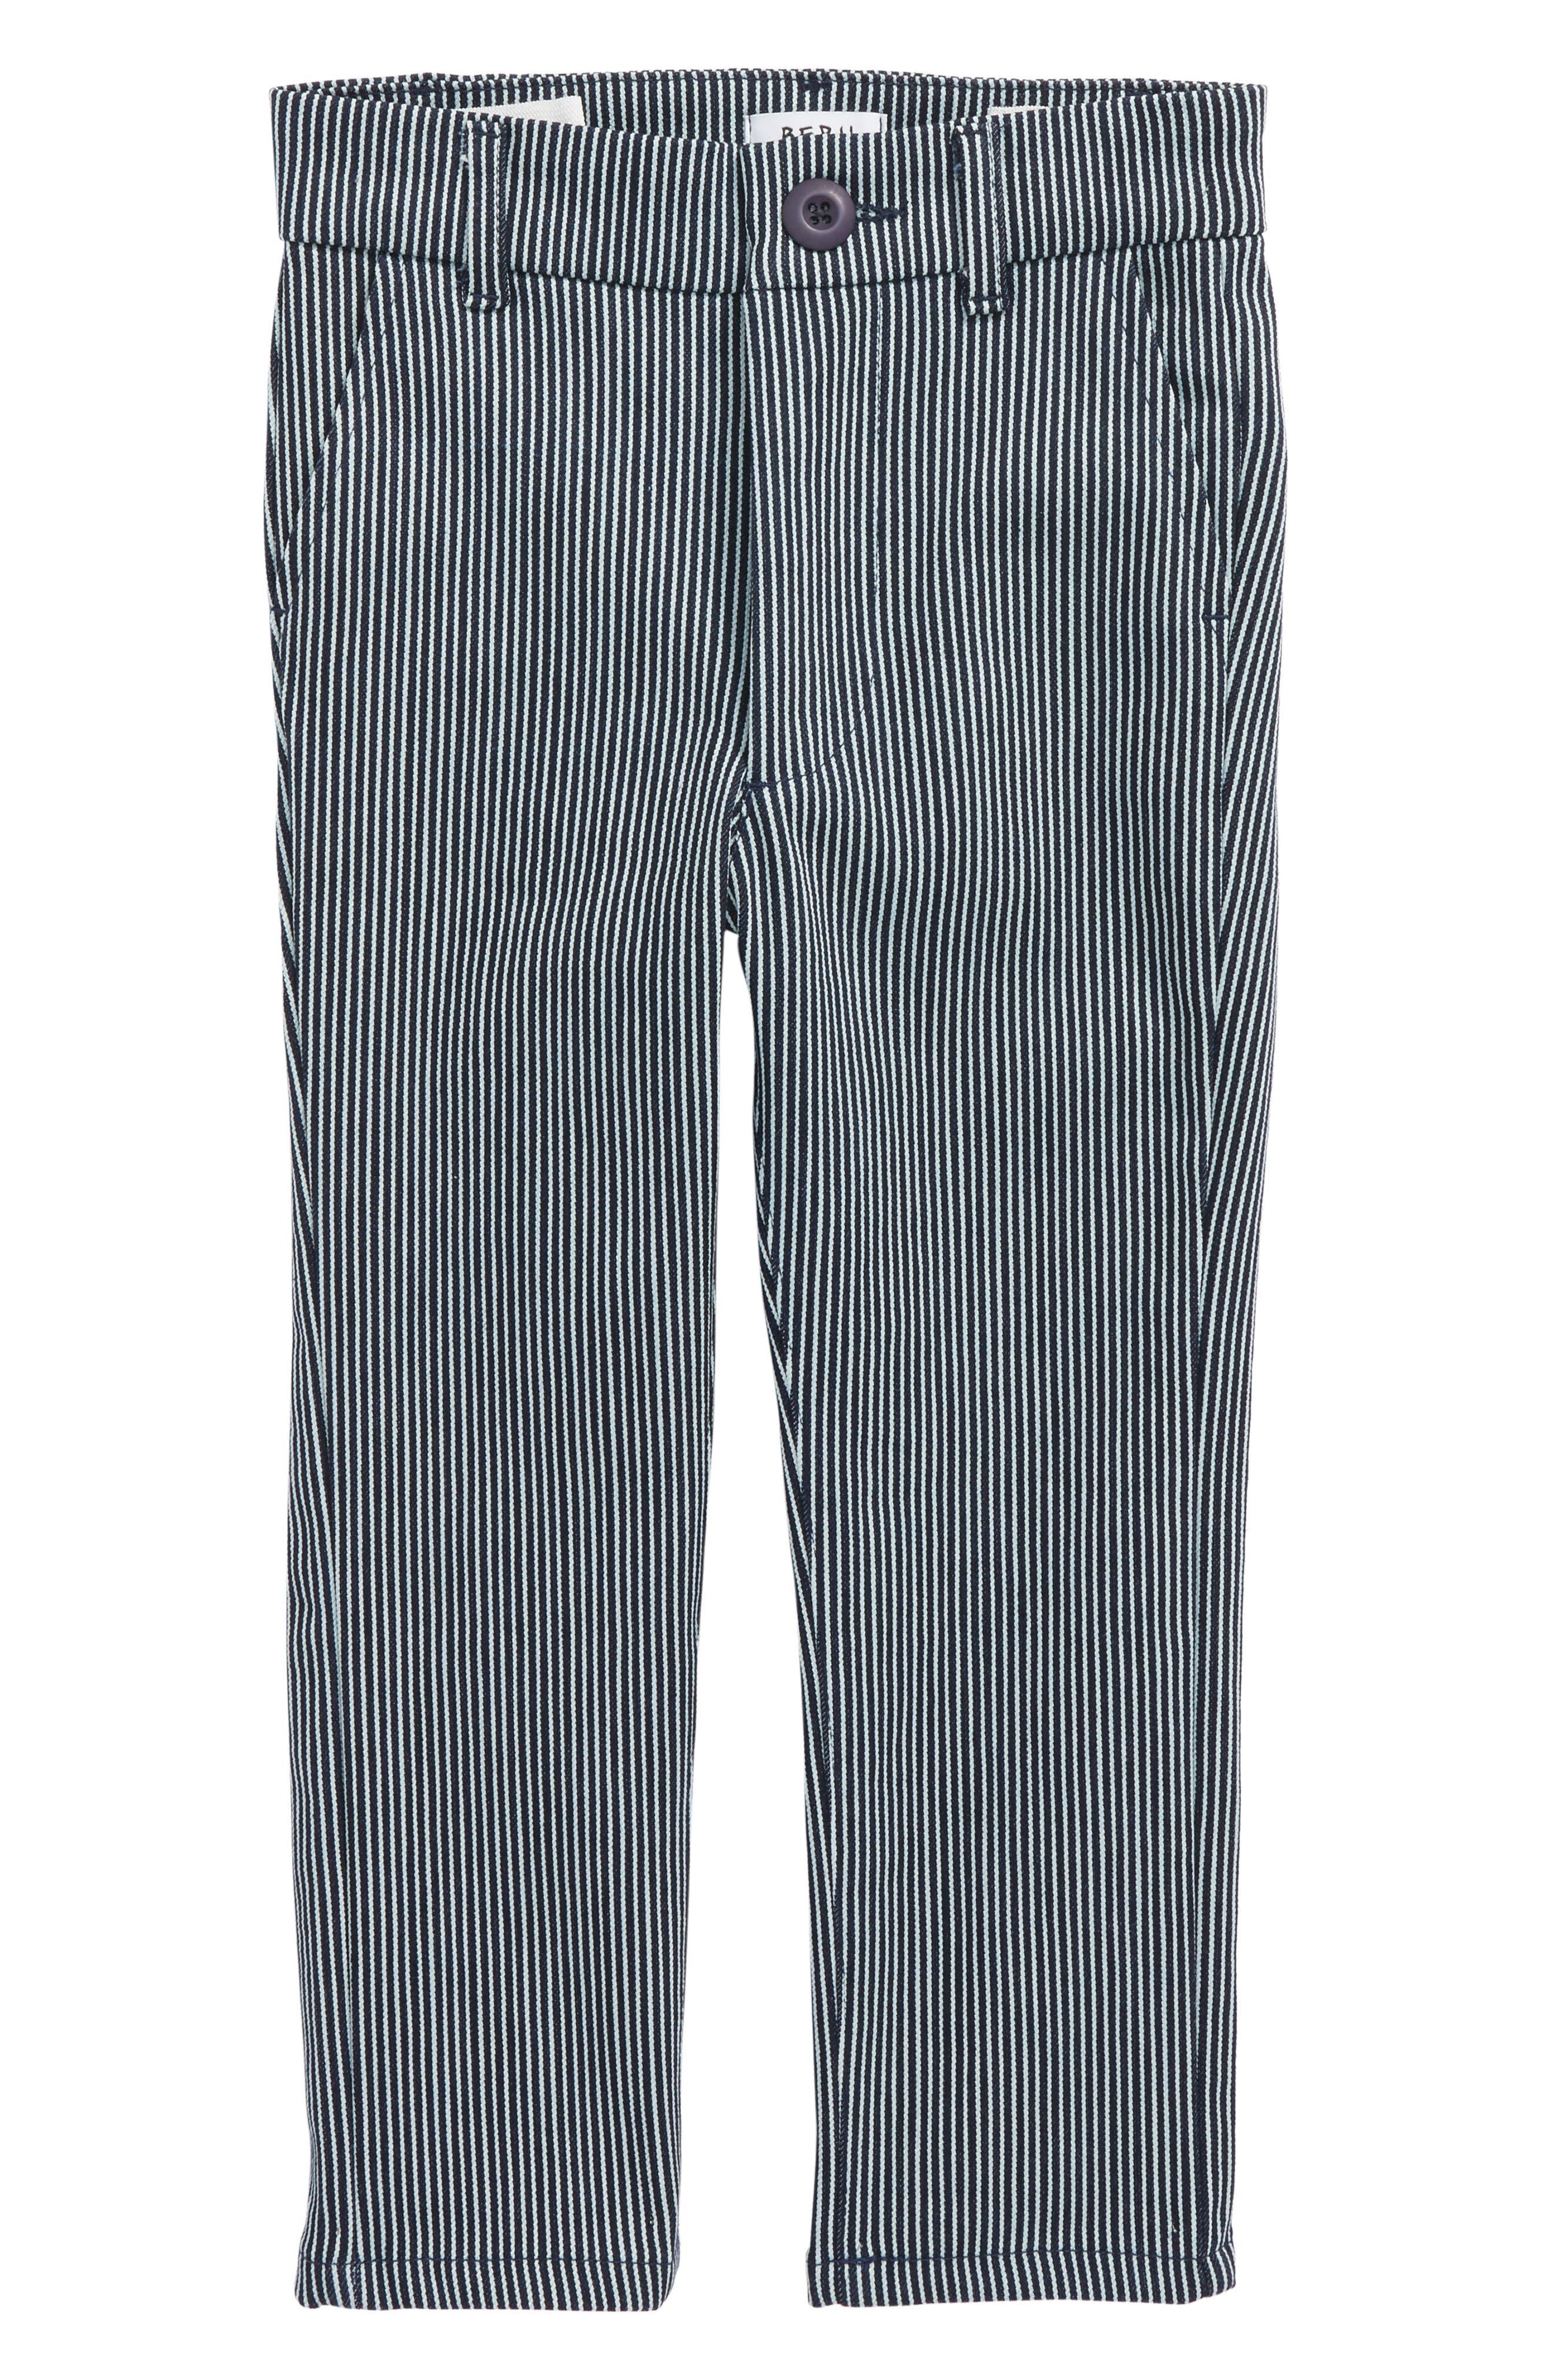 Cameron Stripe Woven Pants,                             Main thumbnail 1, color,                             400